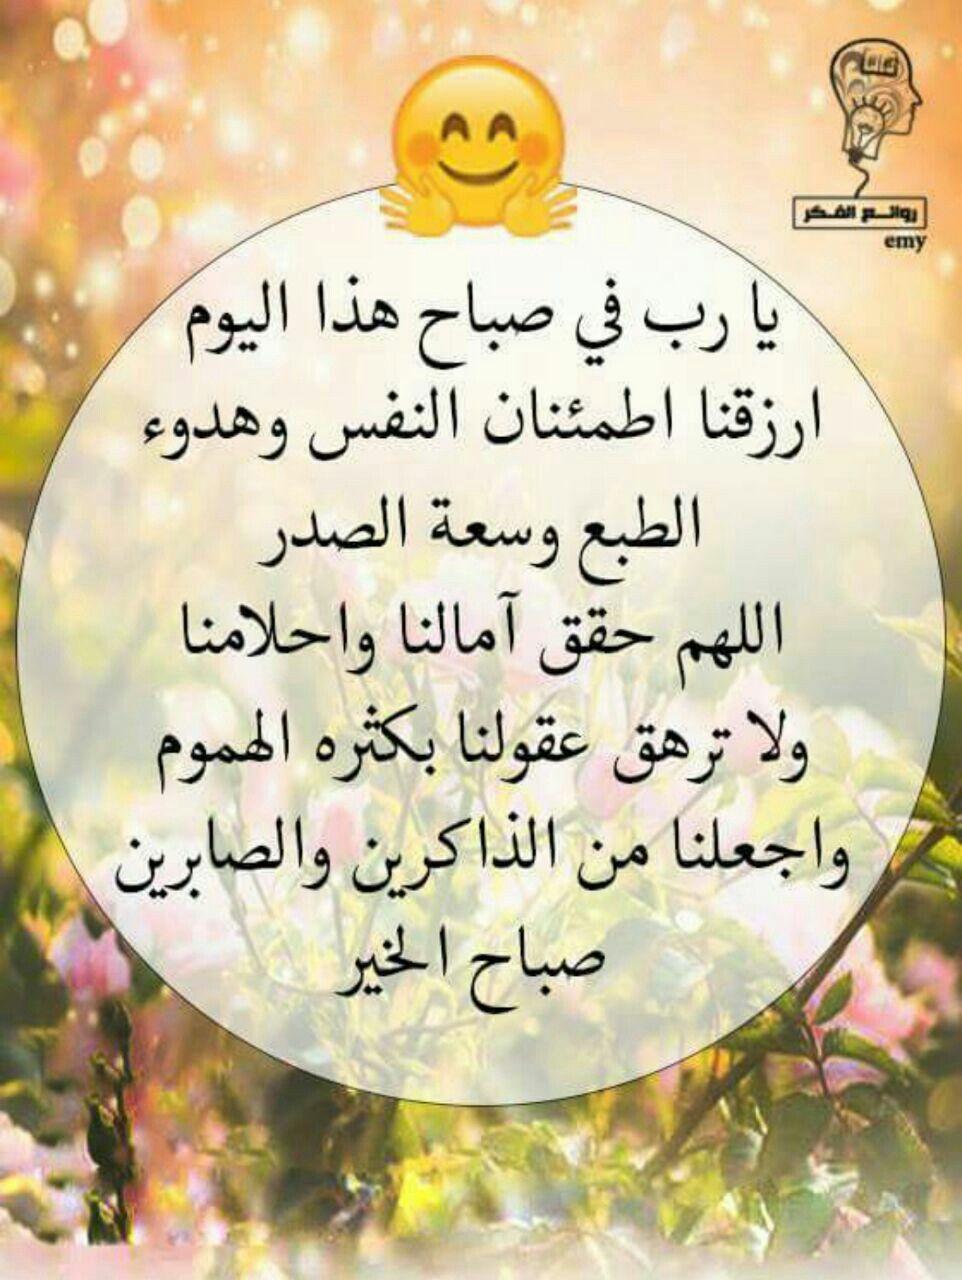 صباح التوكل على الرحمن Morning Greetings Quotes Morning Greeting Islamic Teachings